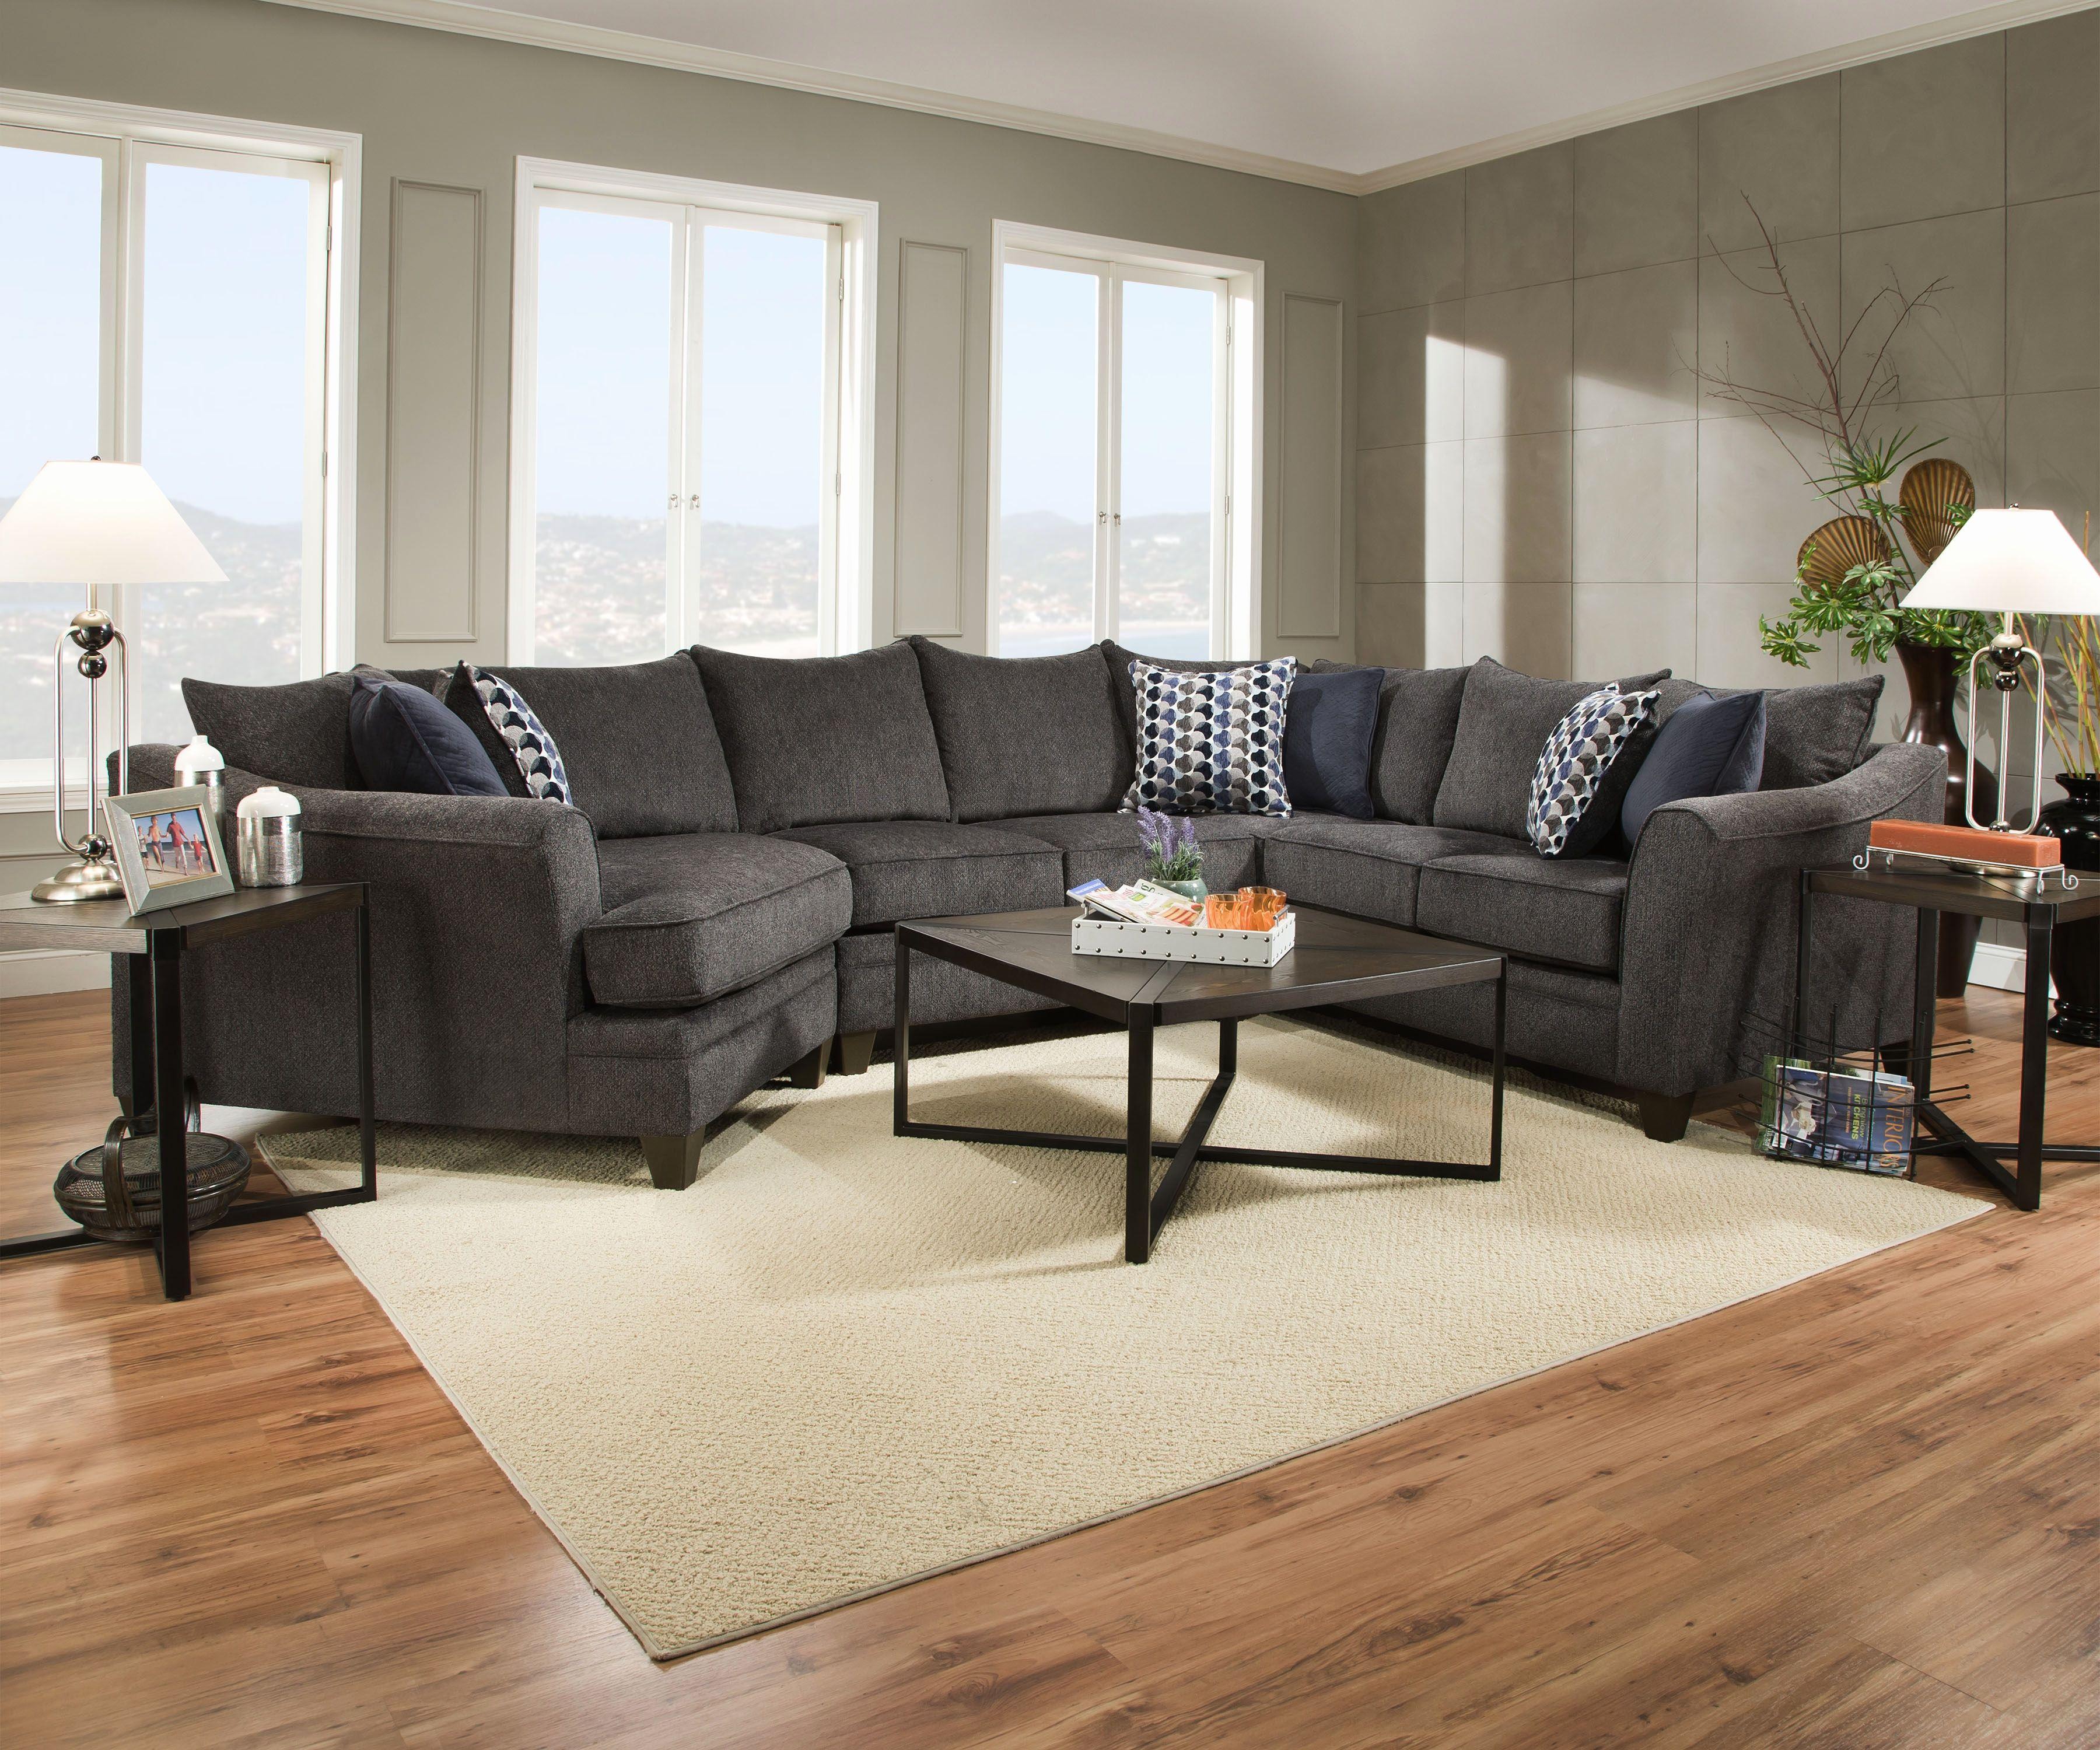 Queen Sleeper Sectional Sofa Design Inspiration Home Interiors Rh Infrachemsolution Com